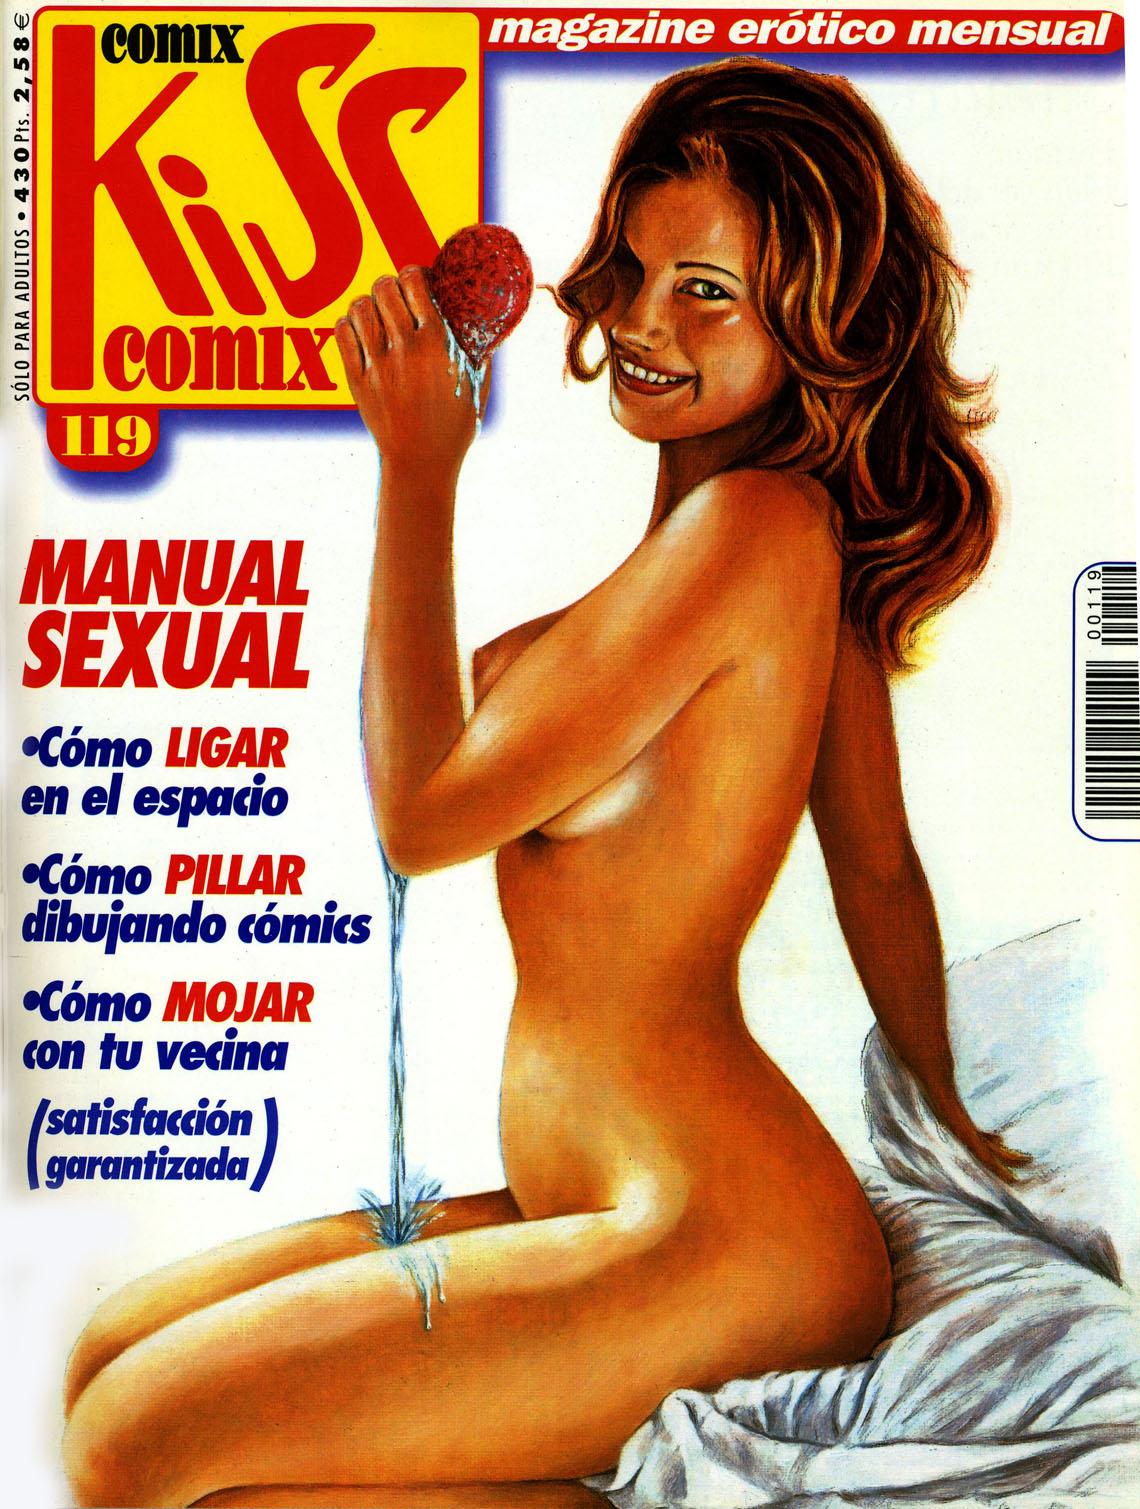 Revista Kiss Comix 119